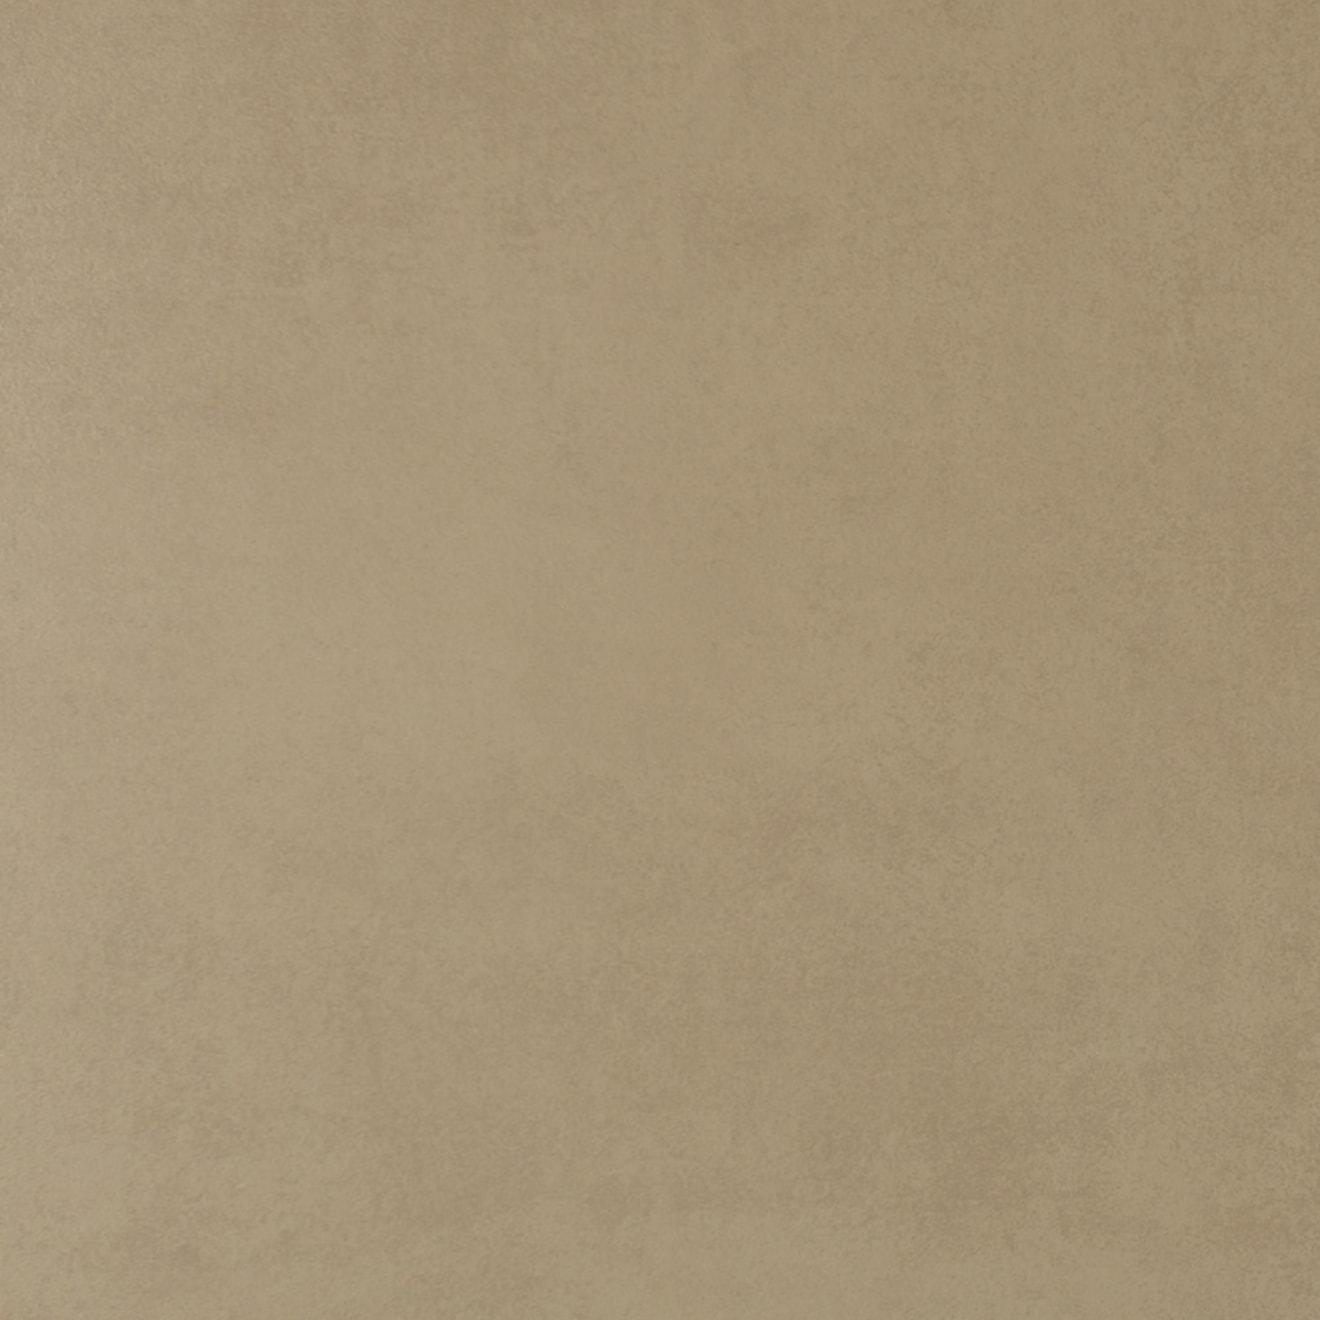 Bedrosians 12x12 Floor Tile Sky Moonsky Glazed